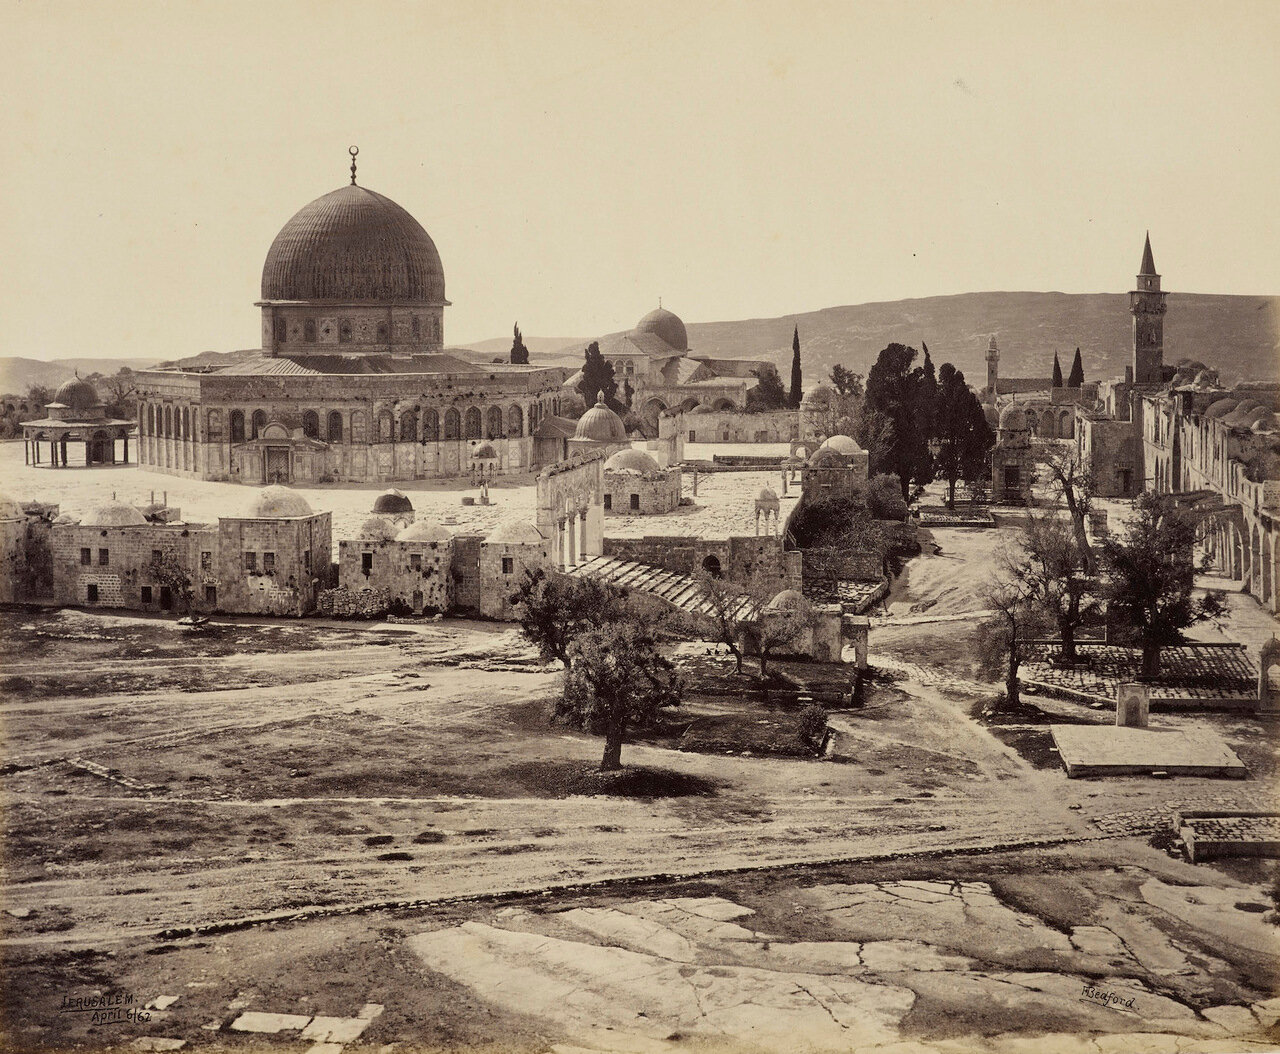 6 апреля 1862. Мечеть Омара от дома губернатора. Иерусалим